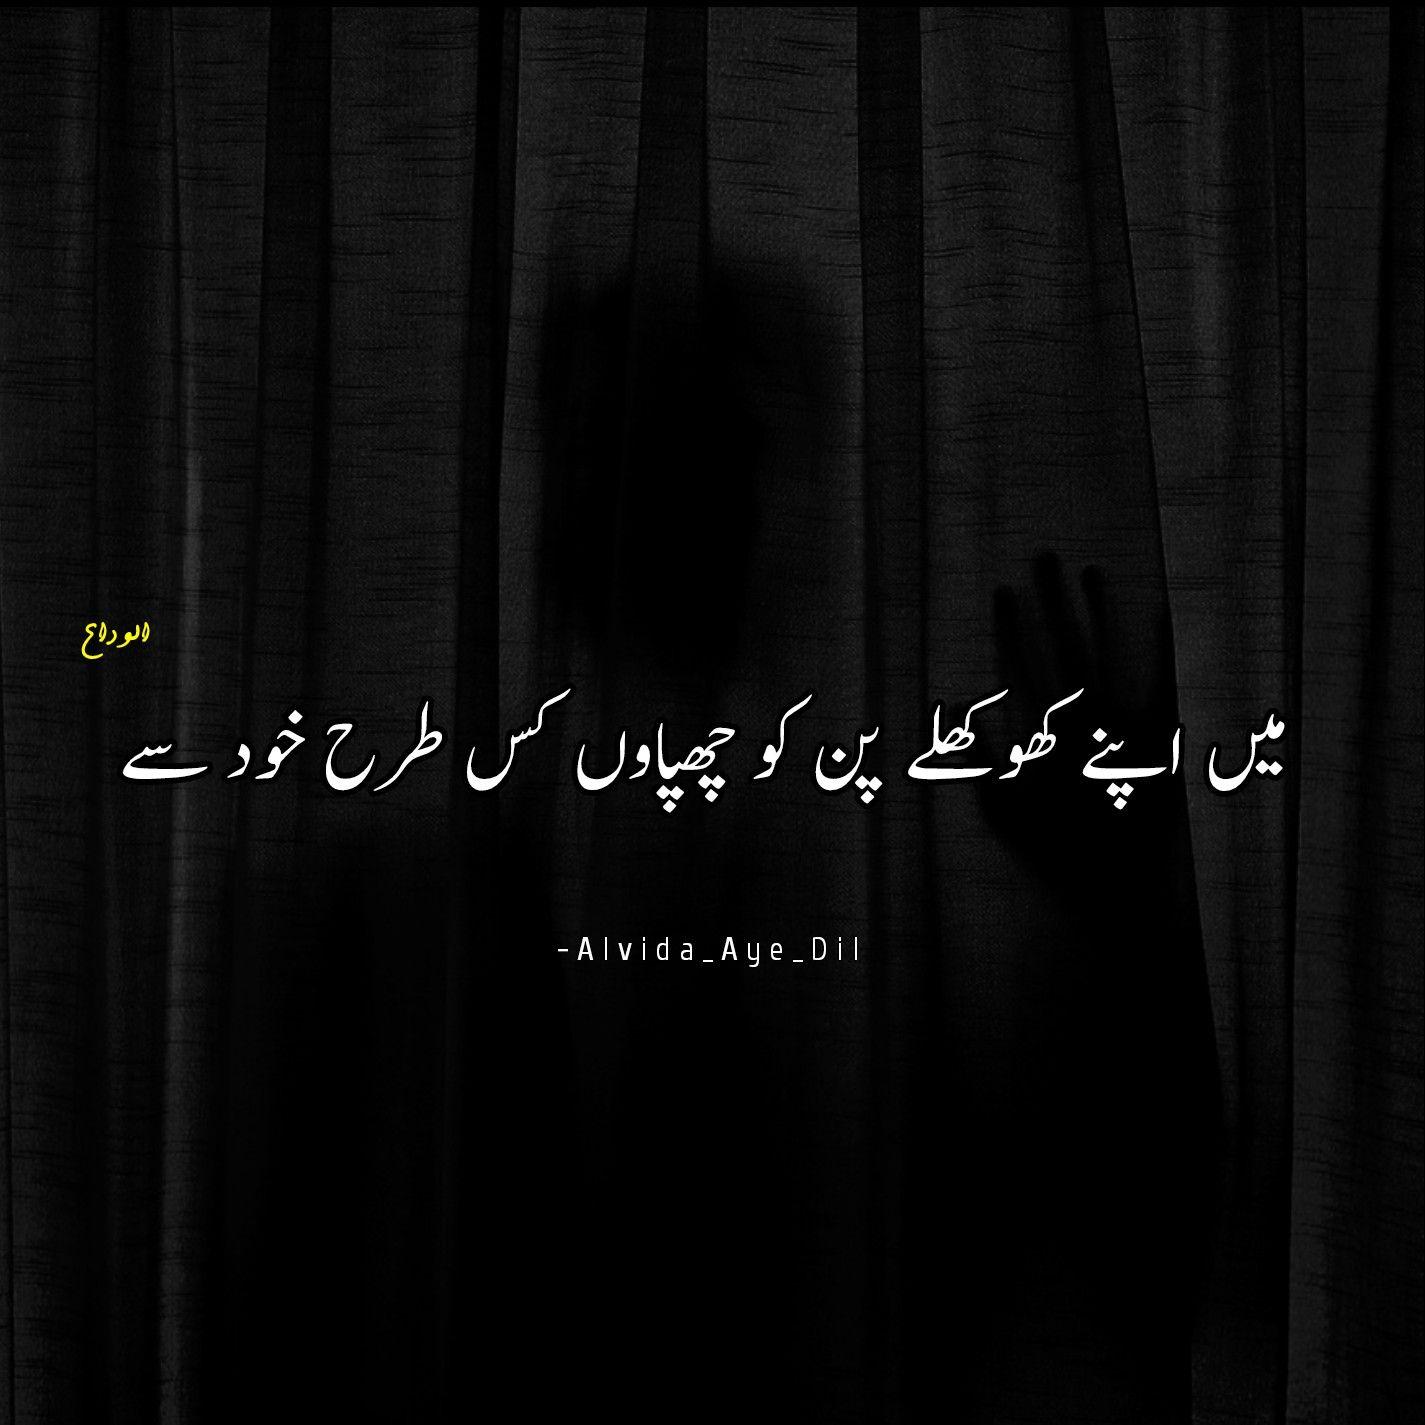 Khoklepan 💔 | Urdu poetry romantic, Romantic poetry, Love ...